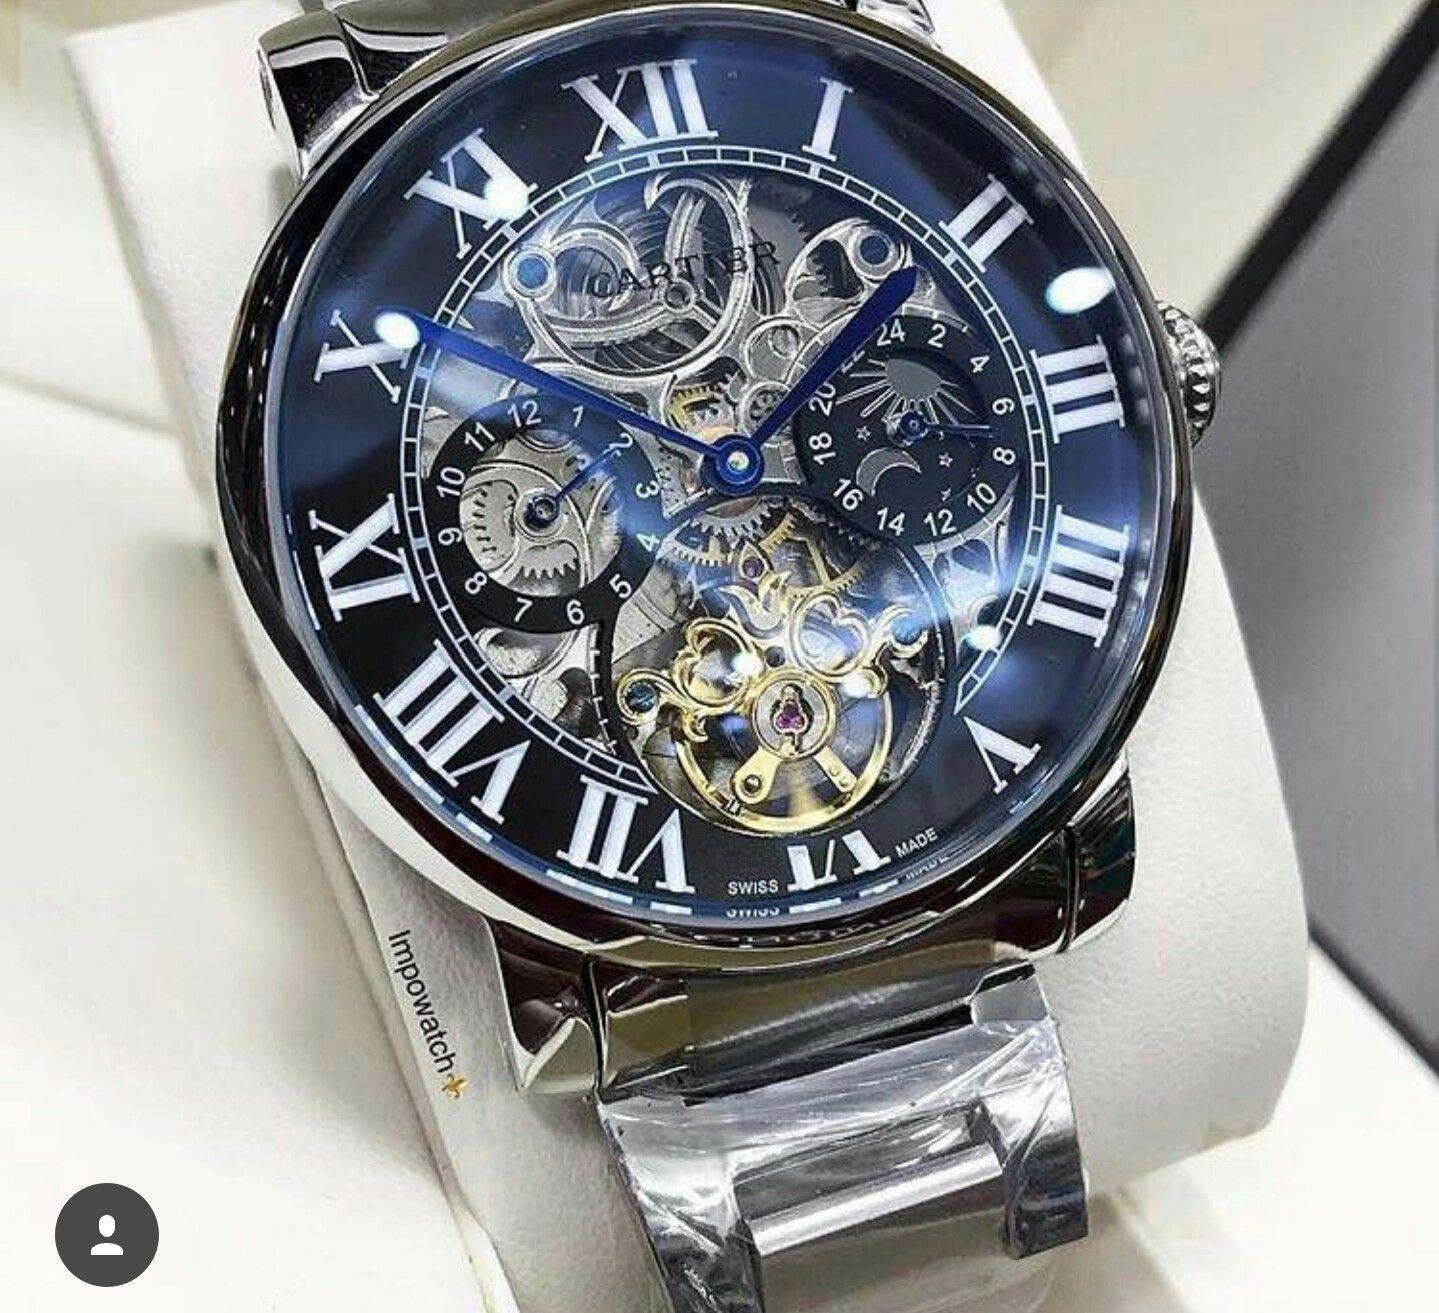 Chubster s choice Men s Watches - Watches for Men ! - Coup de cœur du  Chubster Montre pour homme ! 0e8e53d645bc